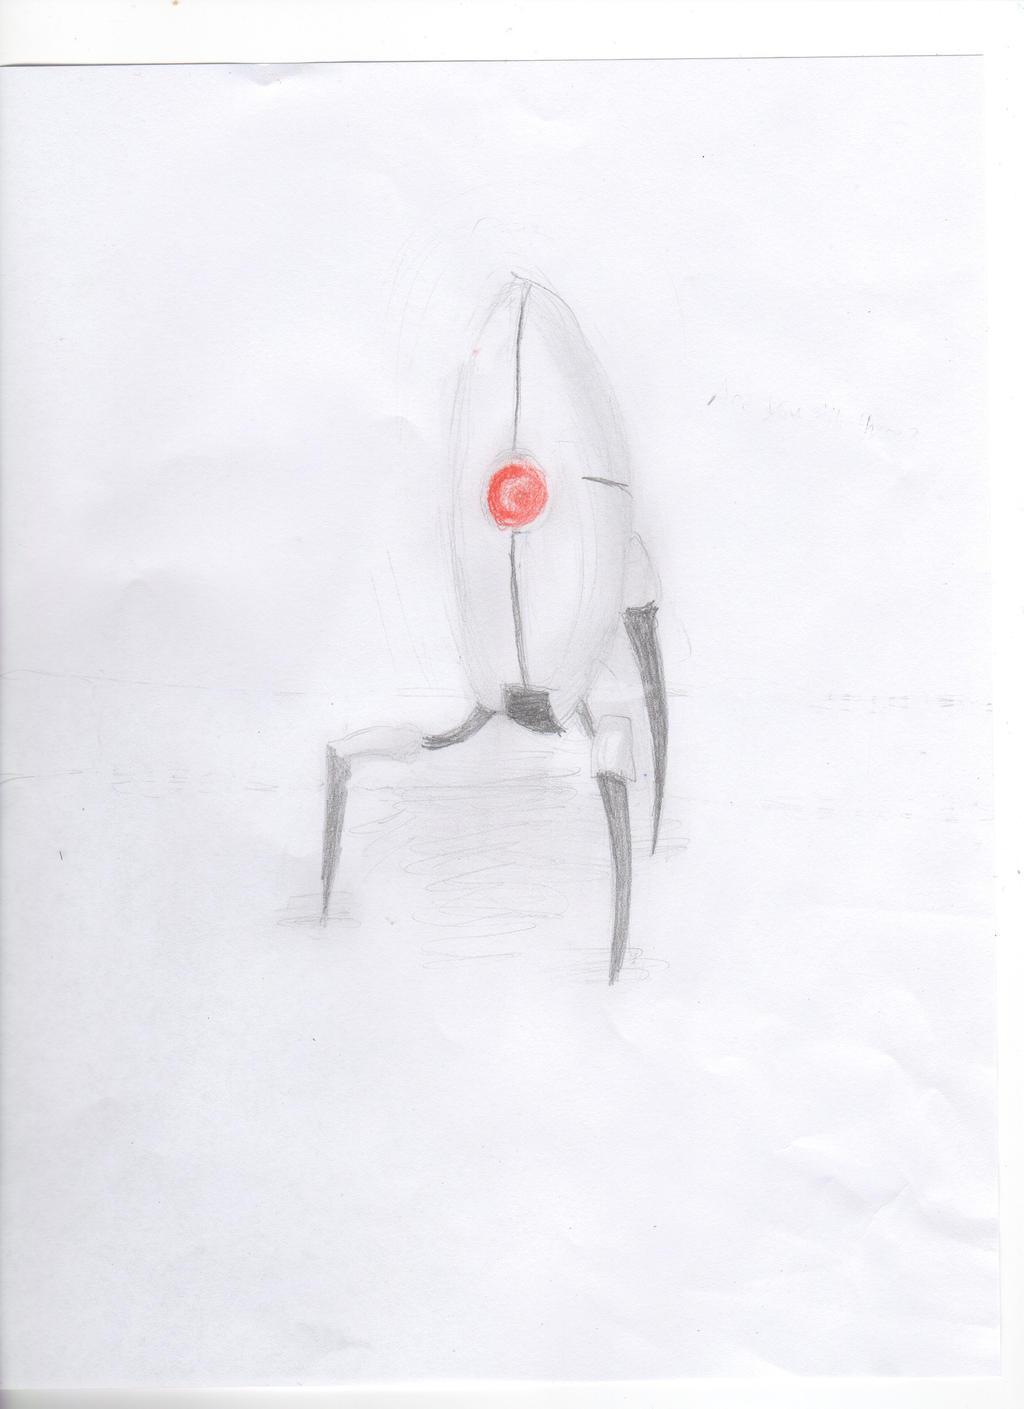 Turret by Blue-Ink-Splatter